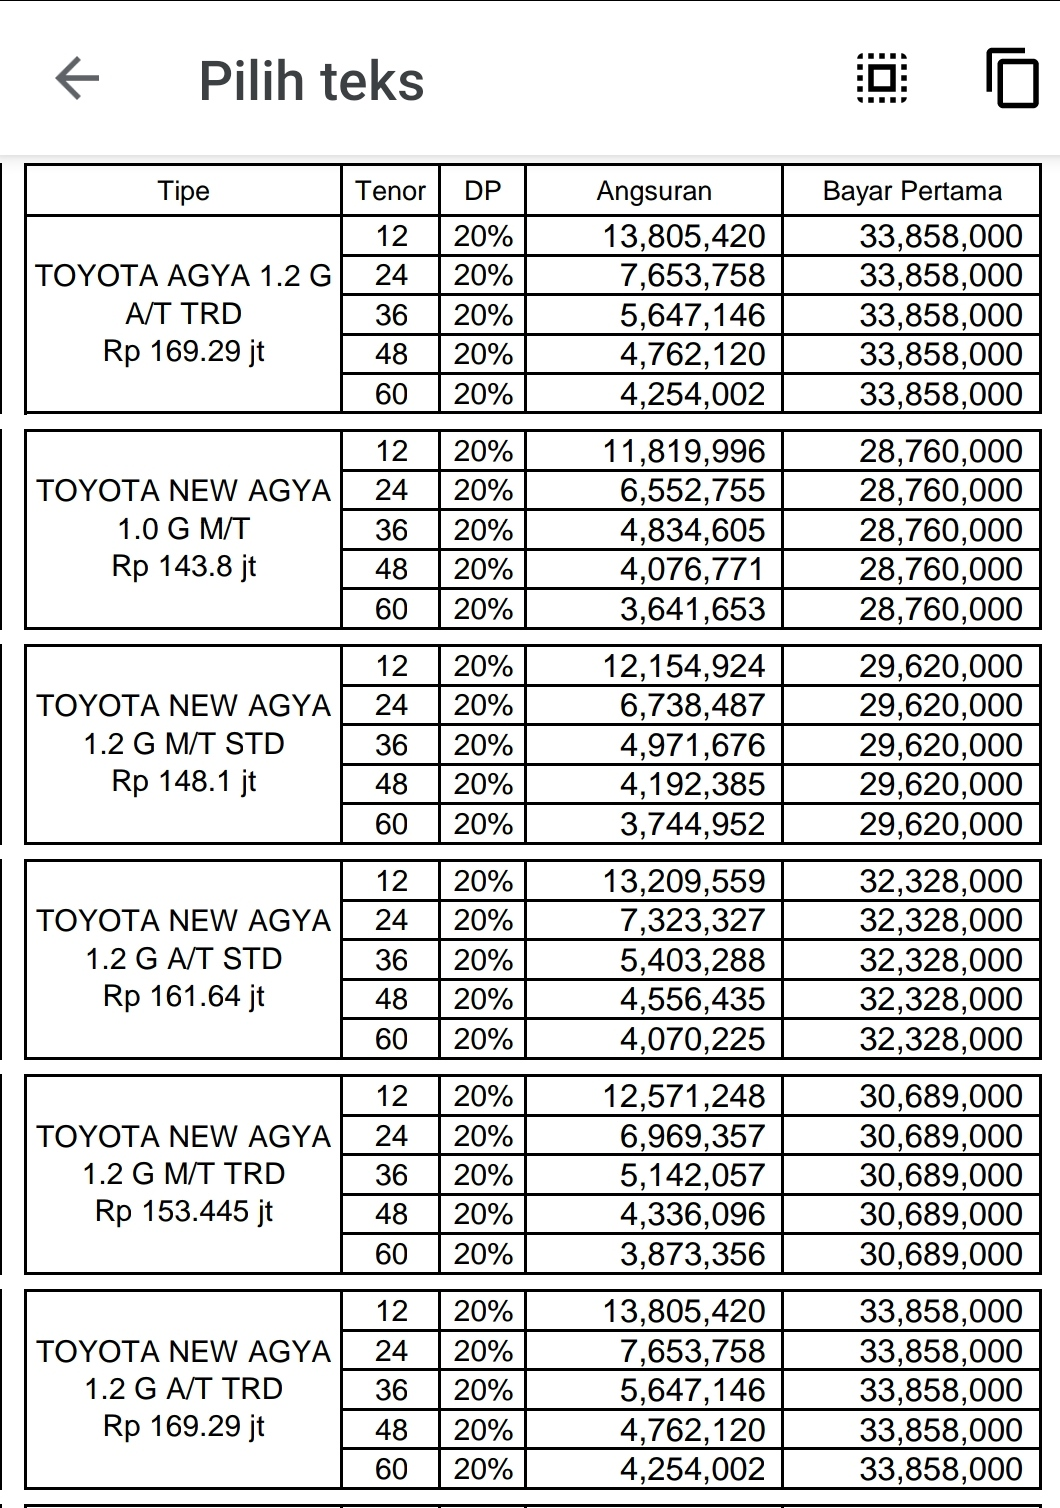 Harga toyota padang terbaru update 2021. Daftar Harga Kredit Toyota Agya baru 2021 Cikarang Bekasi